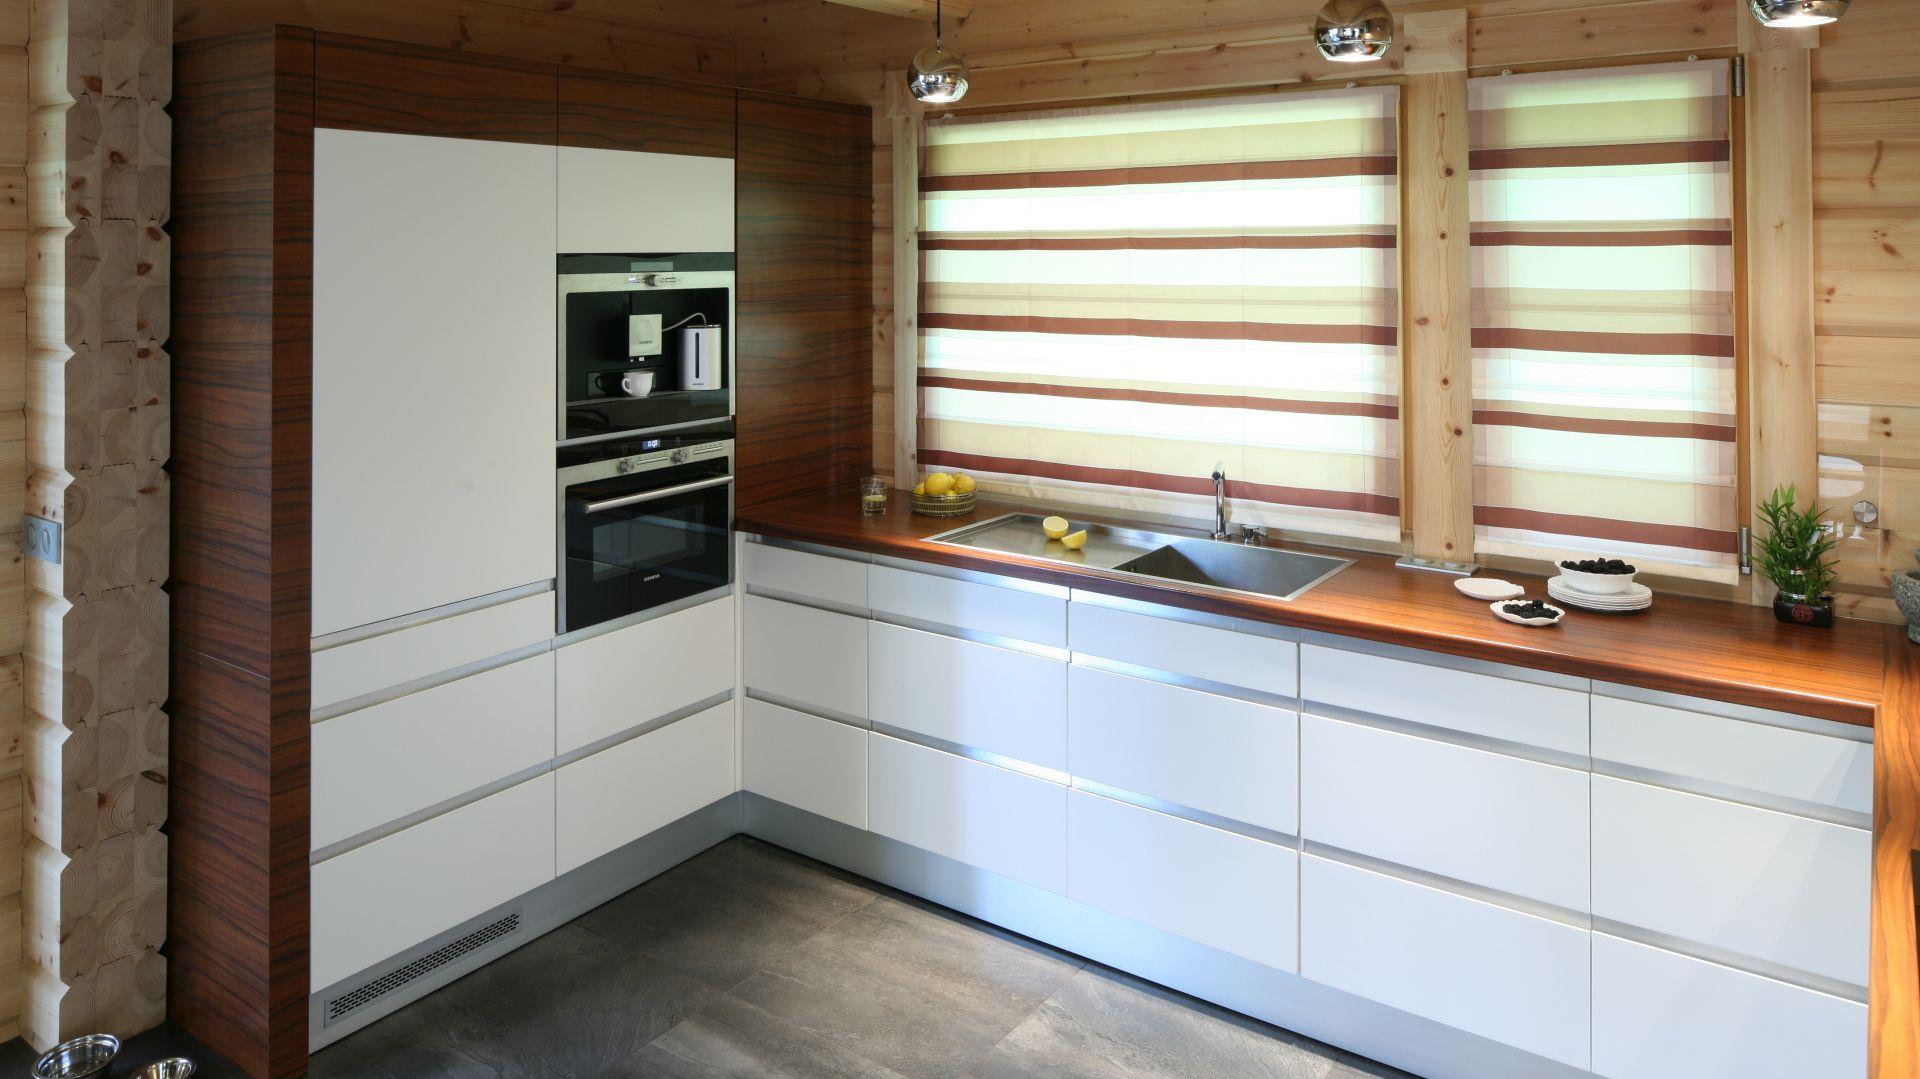 Kuchnia W Domu Z Drewna Nowoczesna I Piekna